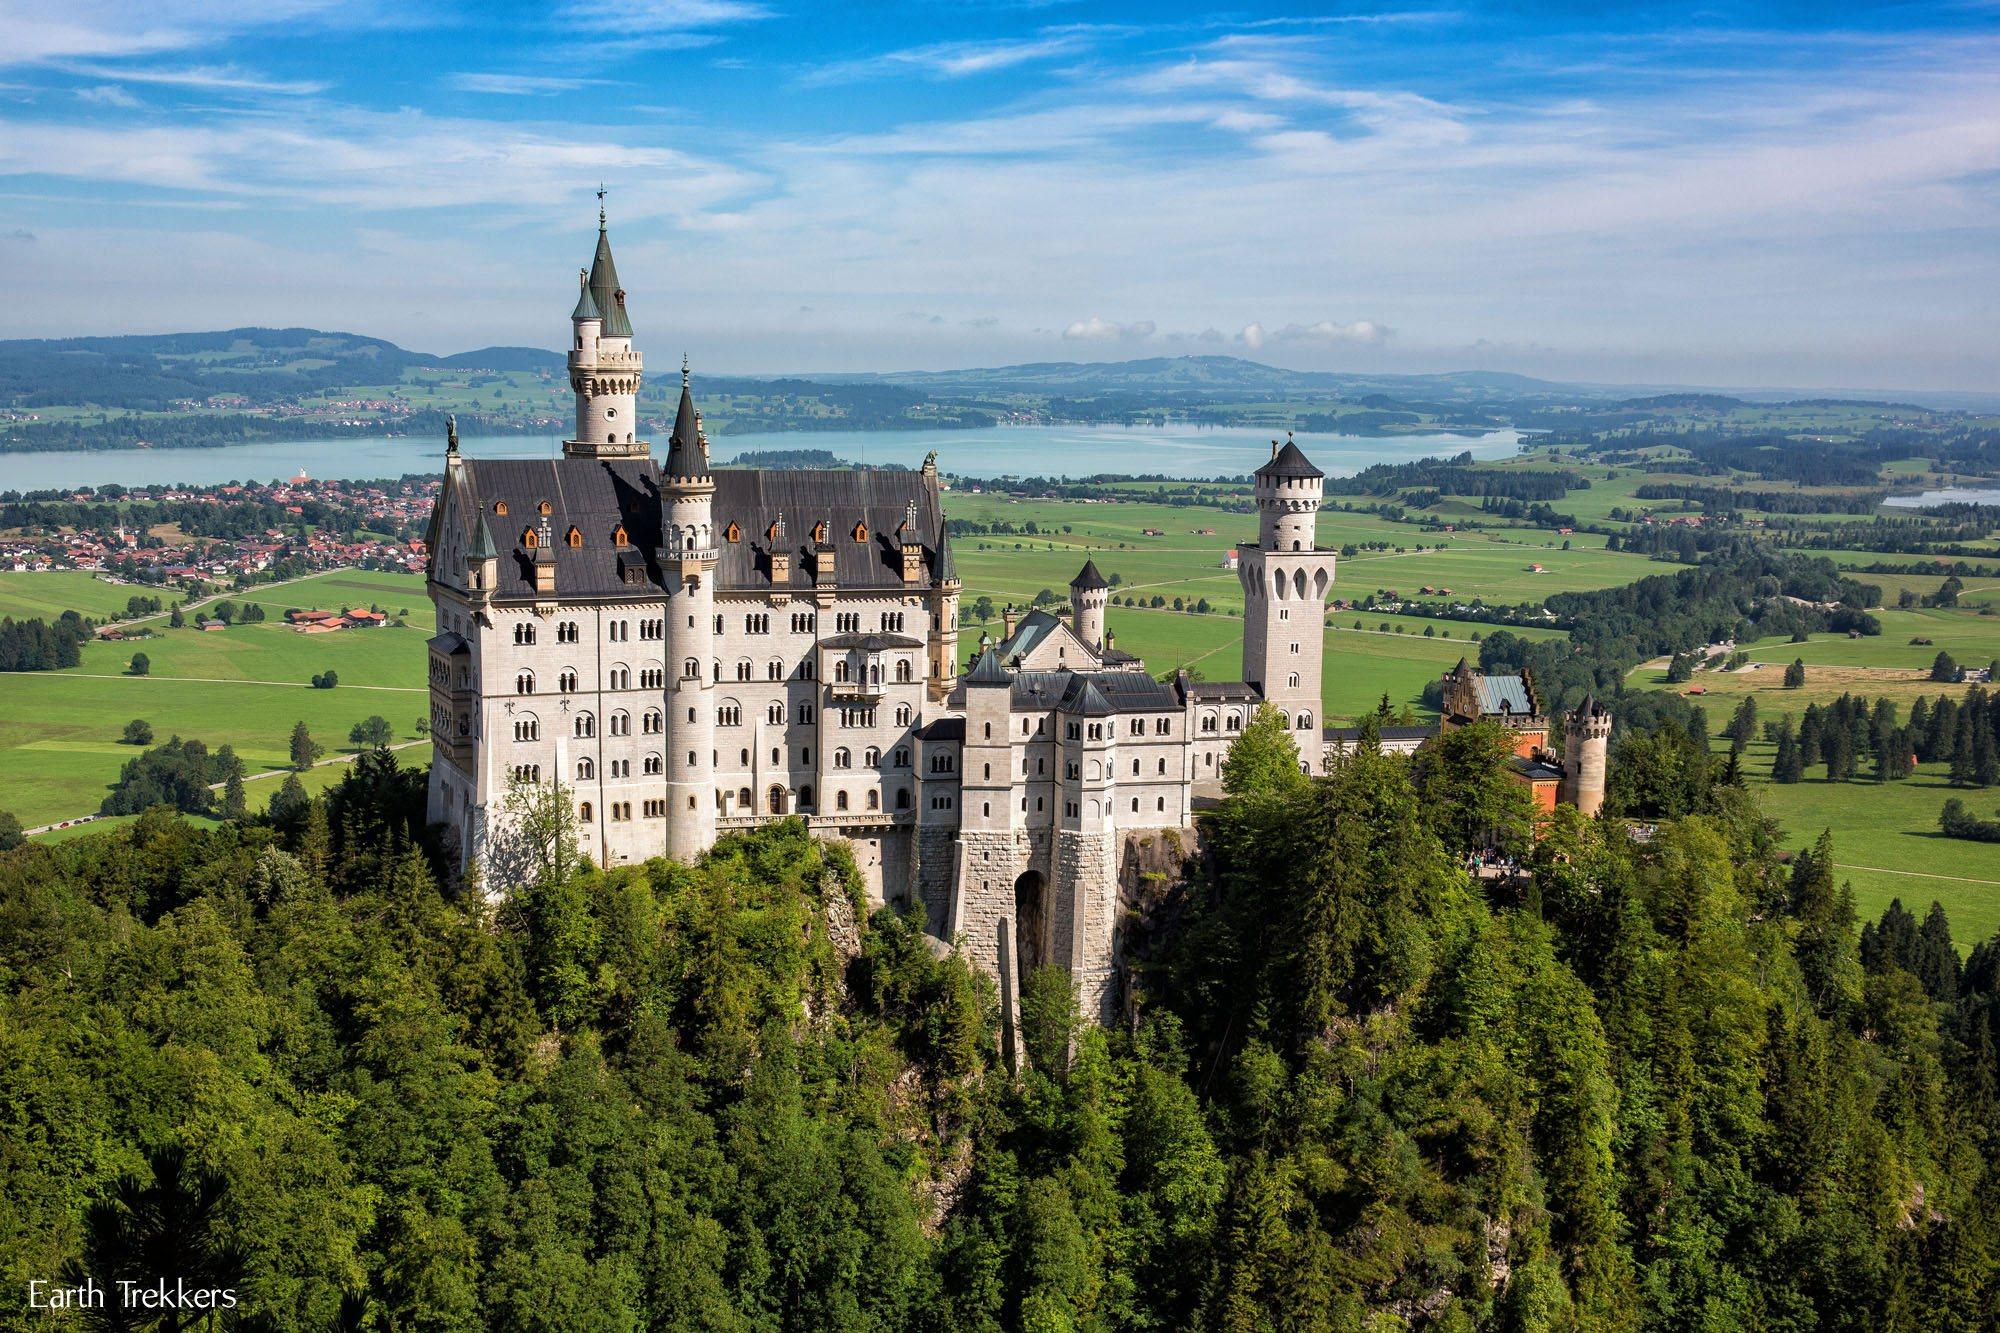 How to Visit Neuschwanstein